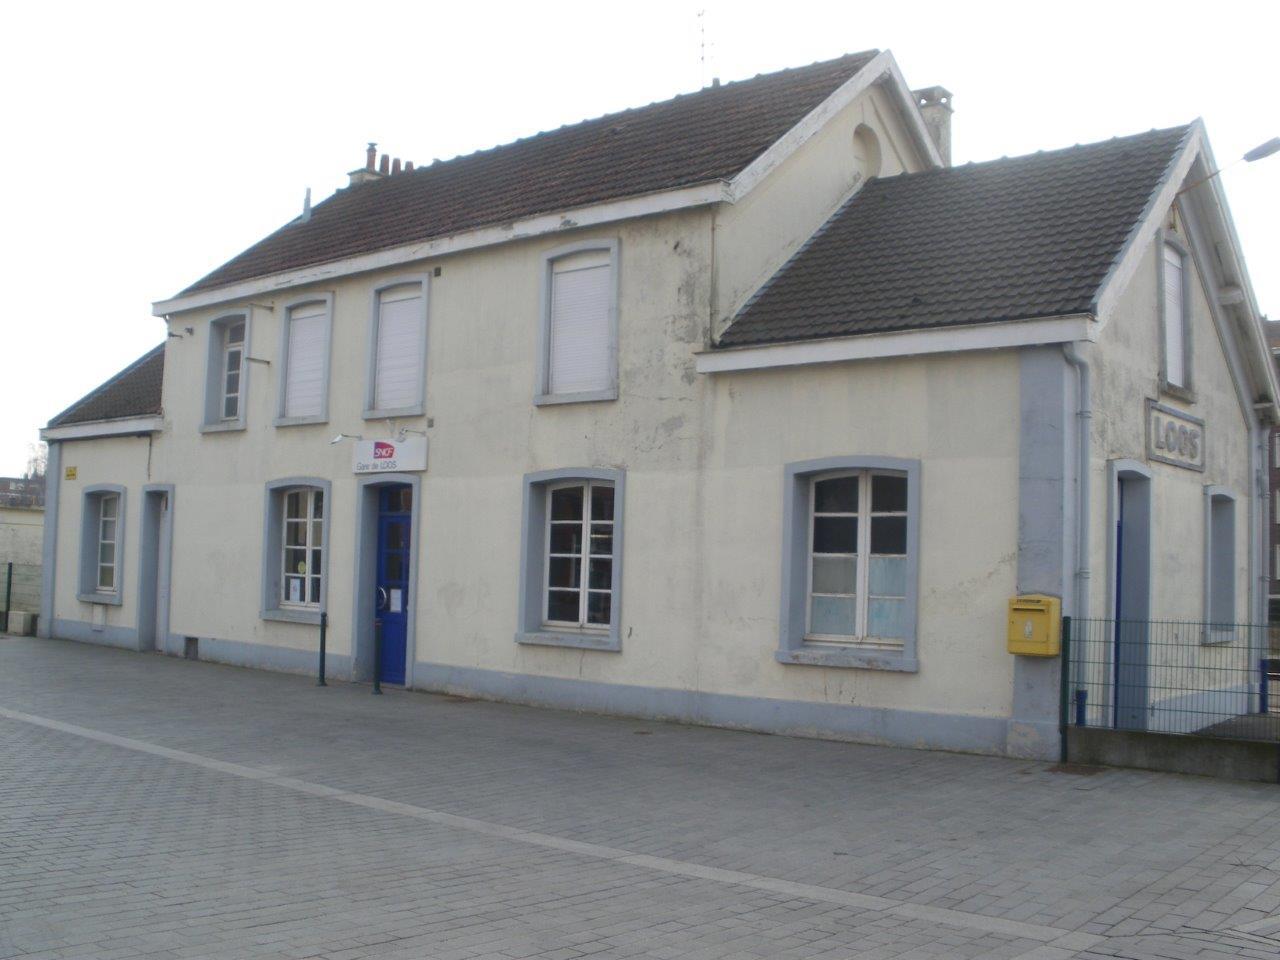 gare-de-loos-lez-lille-train-station